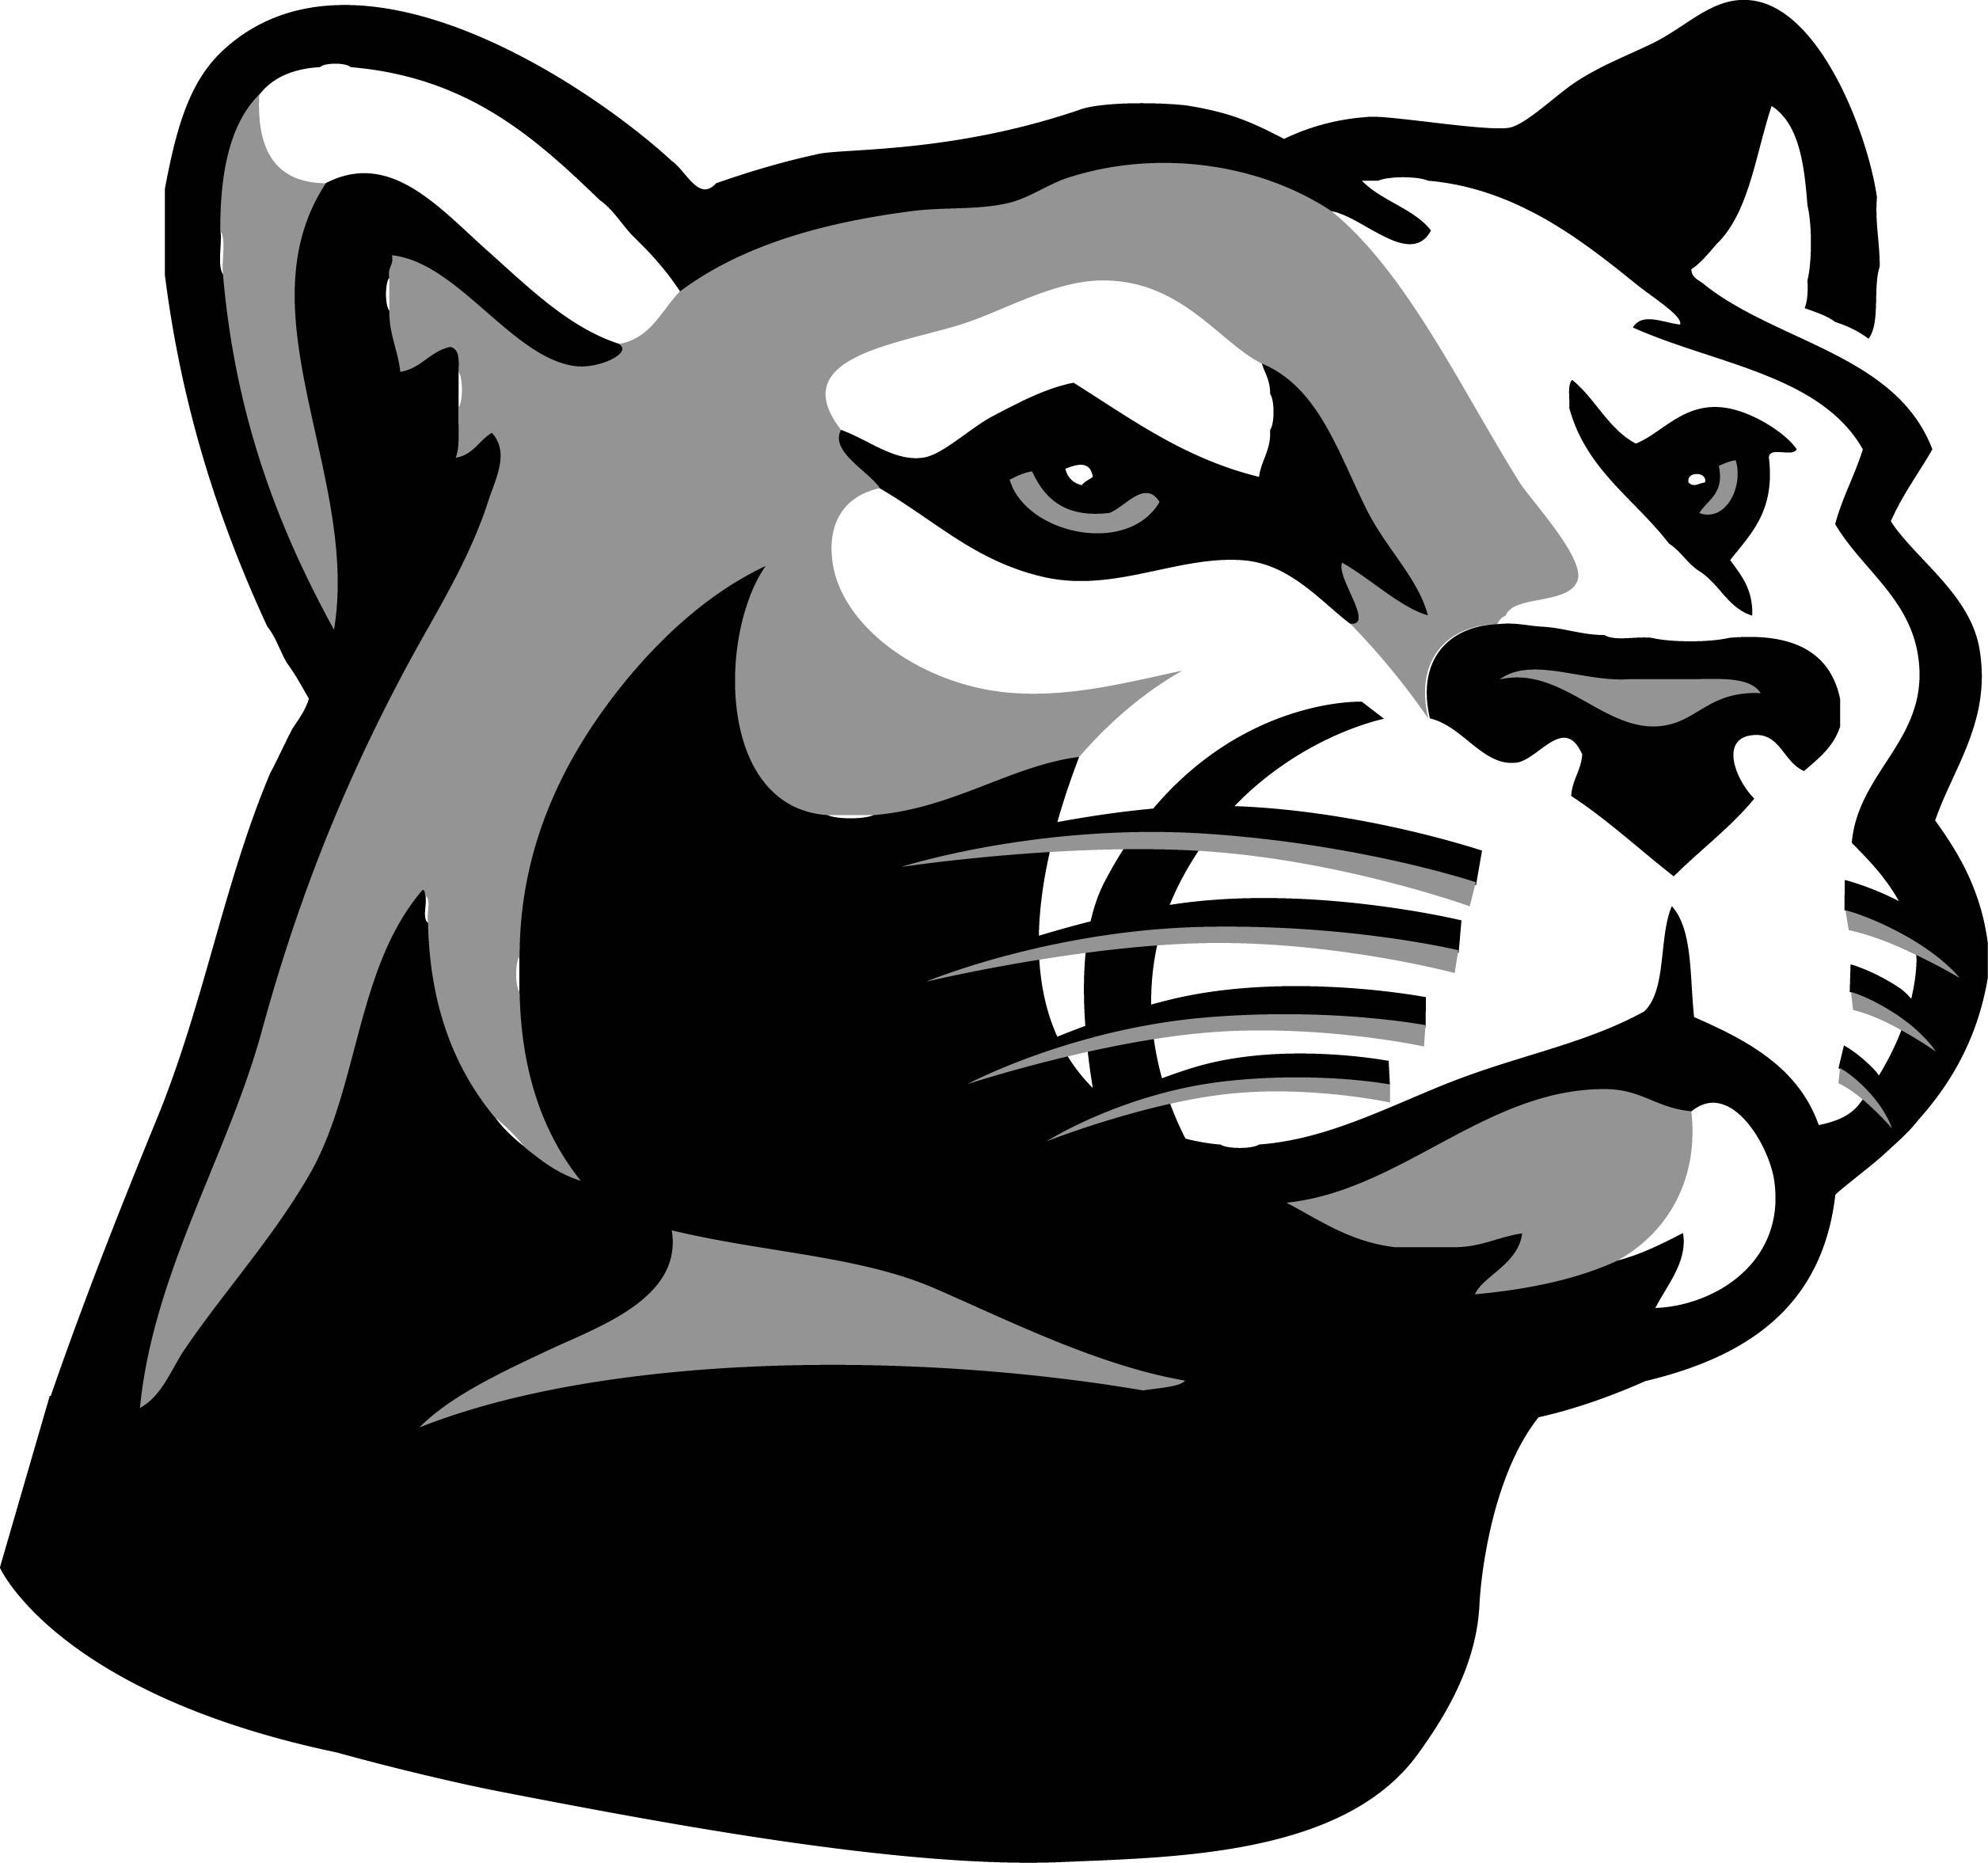 Panther menu clipart